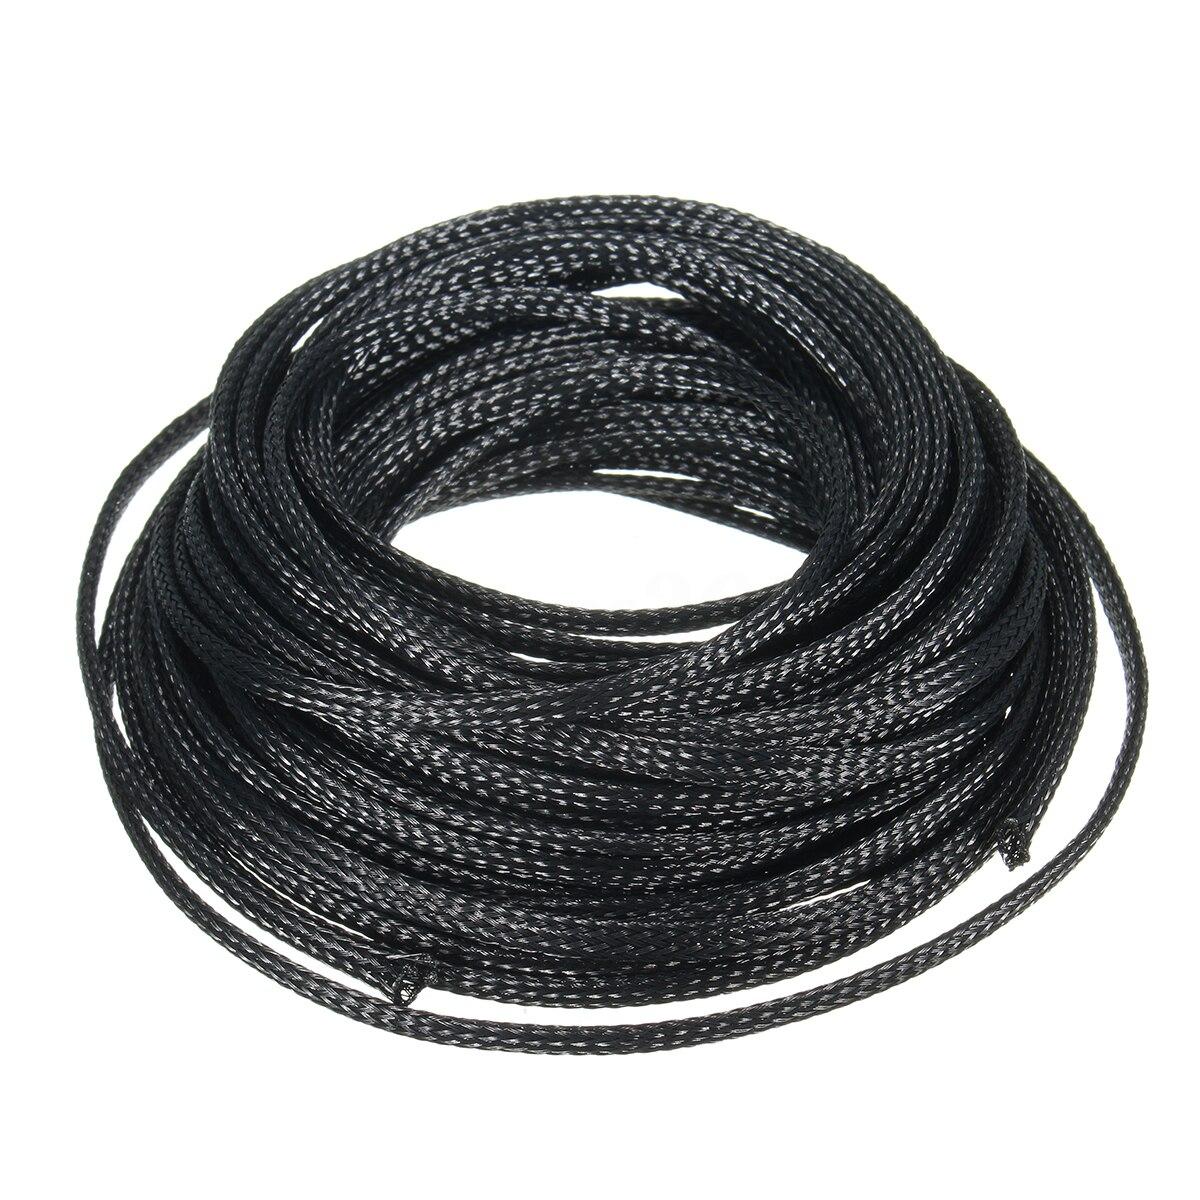 Erweiterbar HAUSTIER Geflochtene Kabel Schutz Ärmel Flexible ...